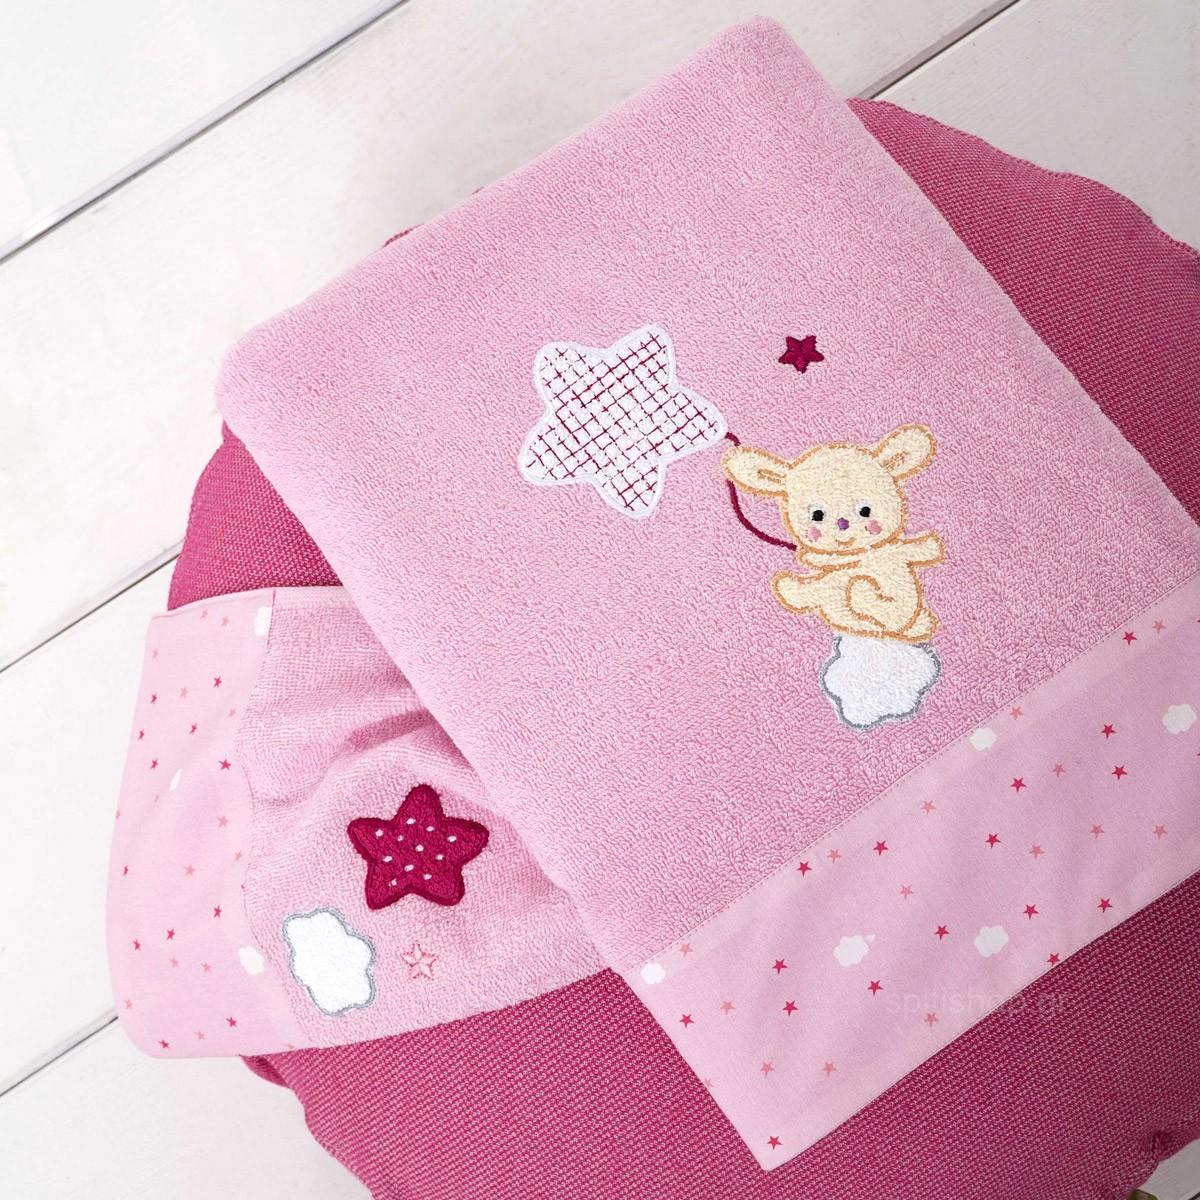 Βρεφικές Πετσέτες (Σετ 2τμχ) Nima Baby Star Pink 89265